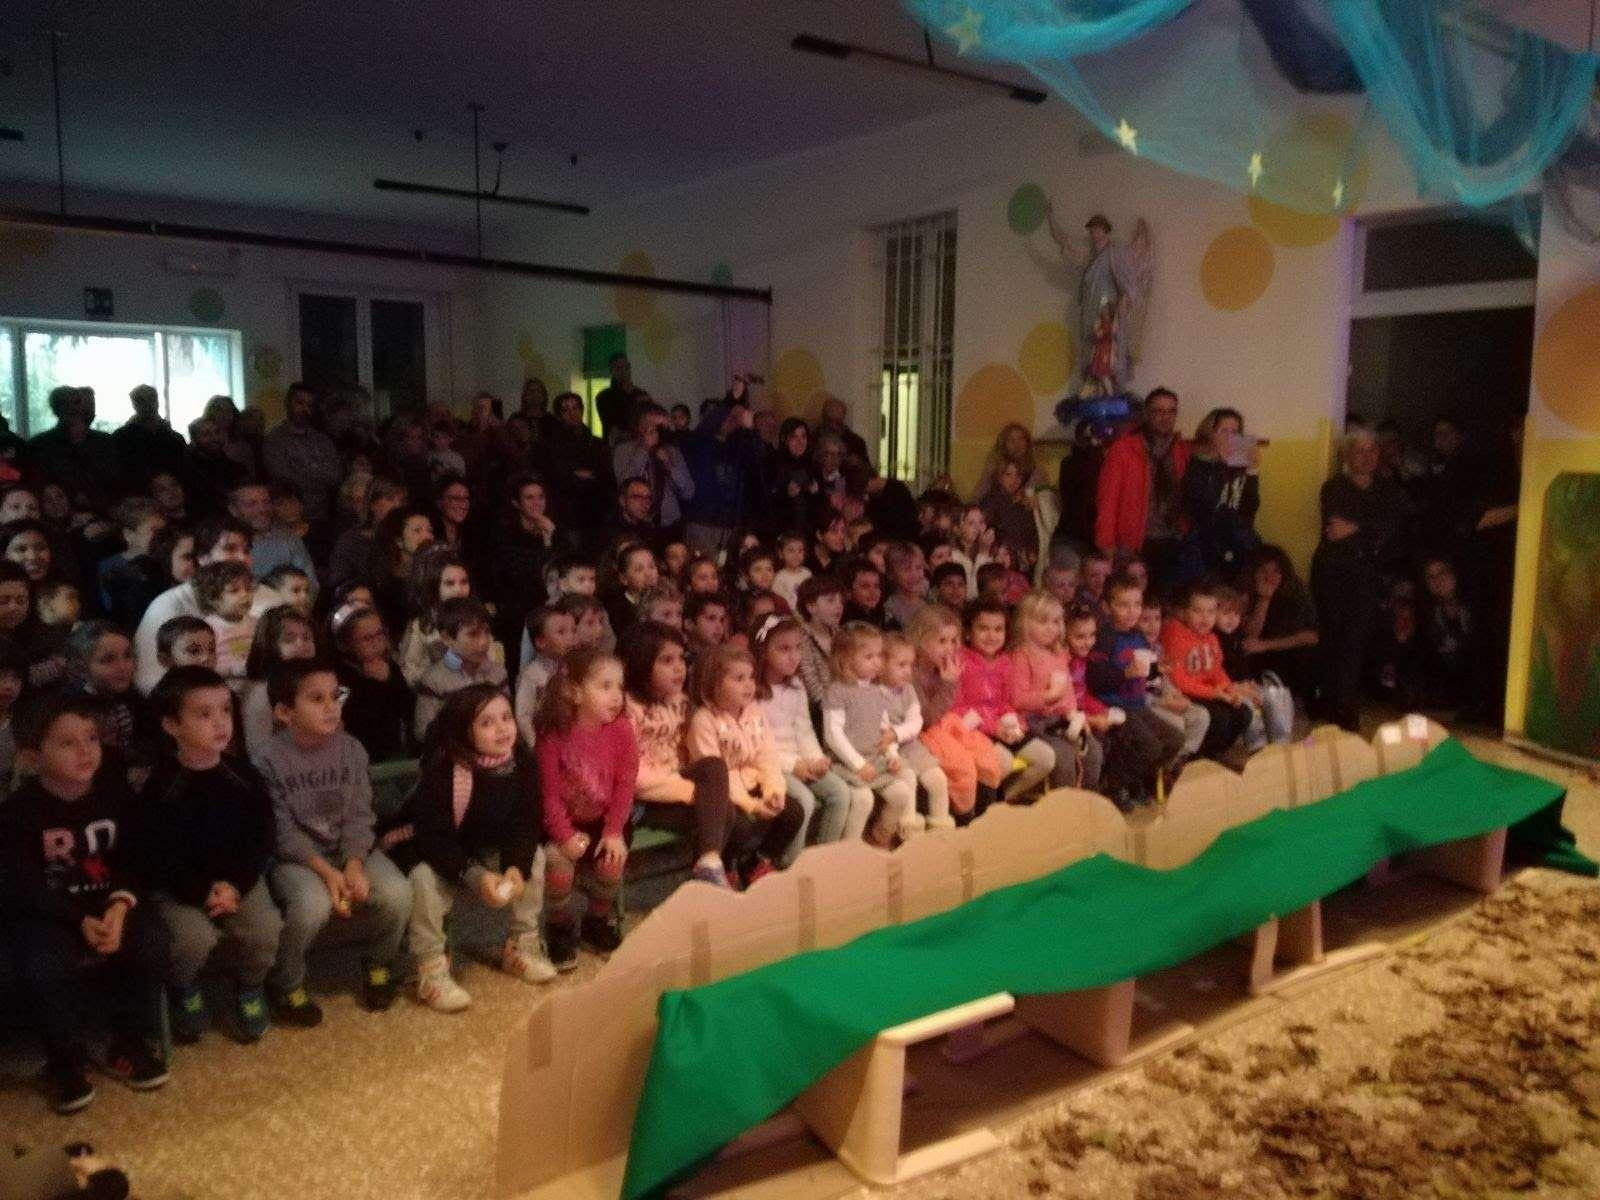 Le foto della festa di Natale 2017 - guarda le foto - Scuola Materna Peschiera Borromeo